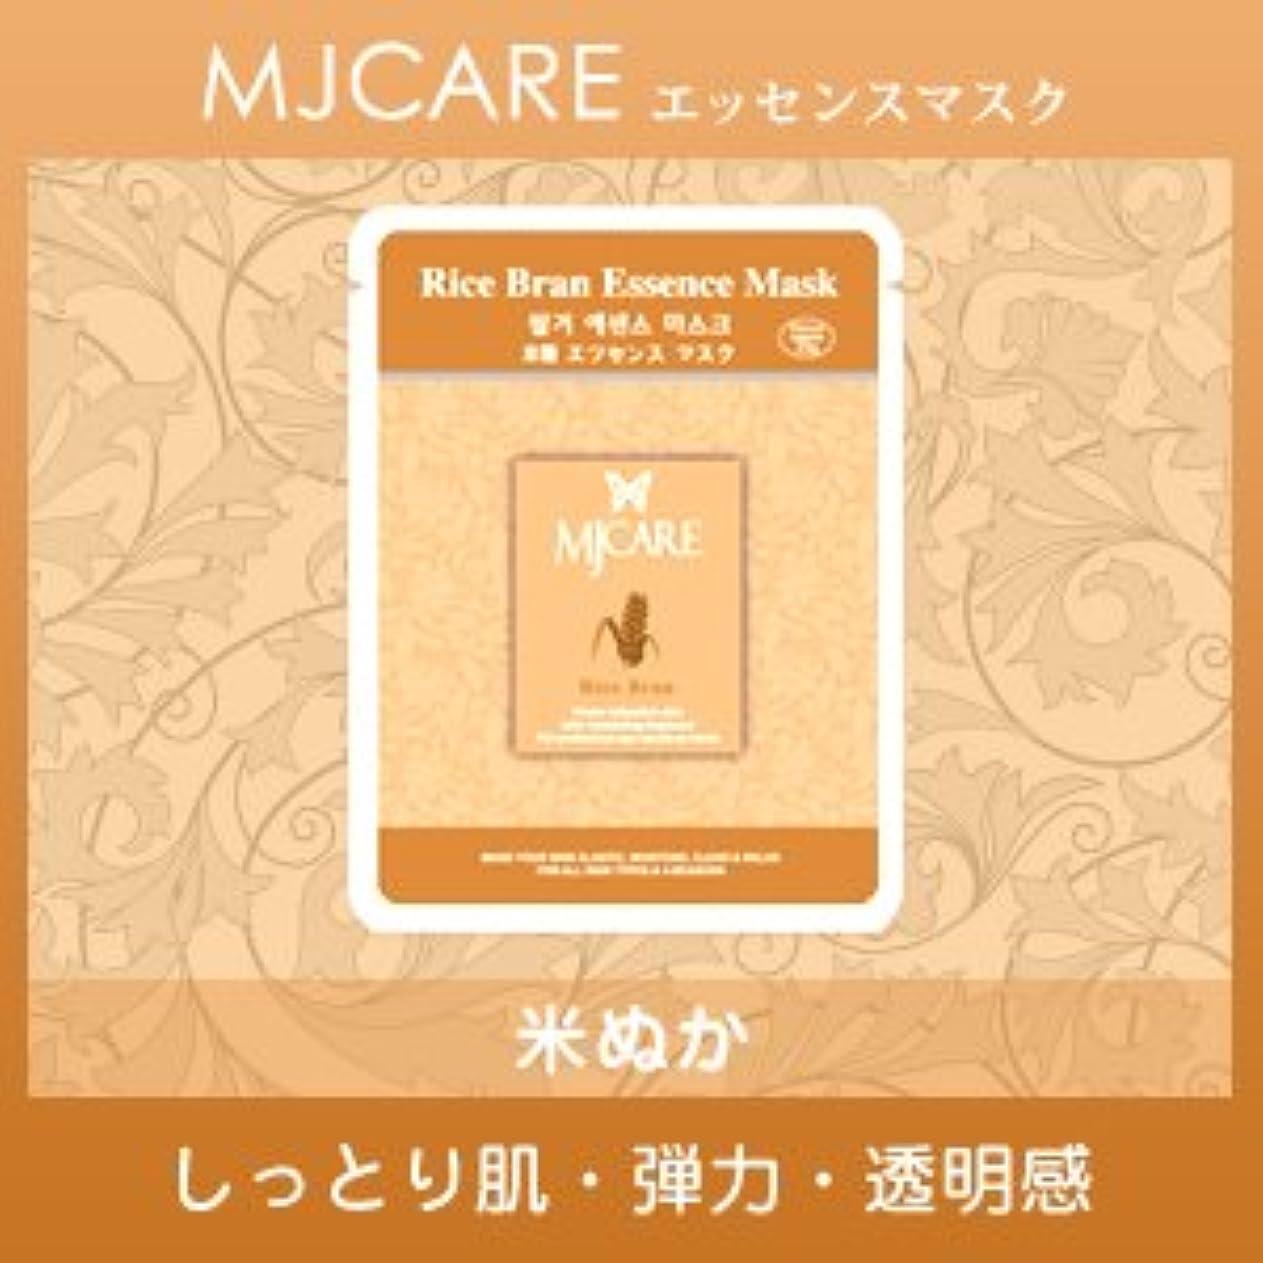 注釈実用的作業MJCARE (エムジェイケア) 米ぬか エッセンスマスク